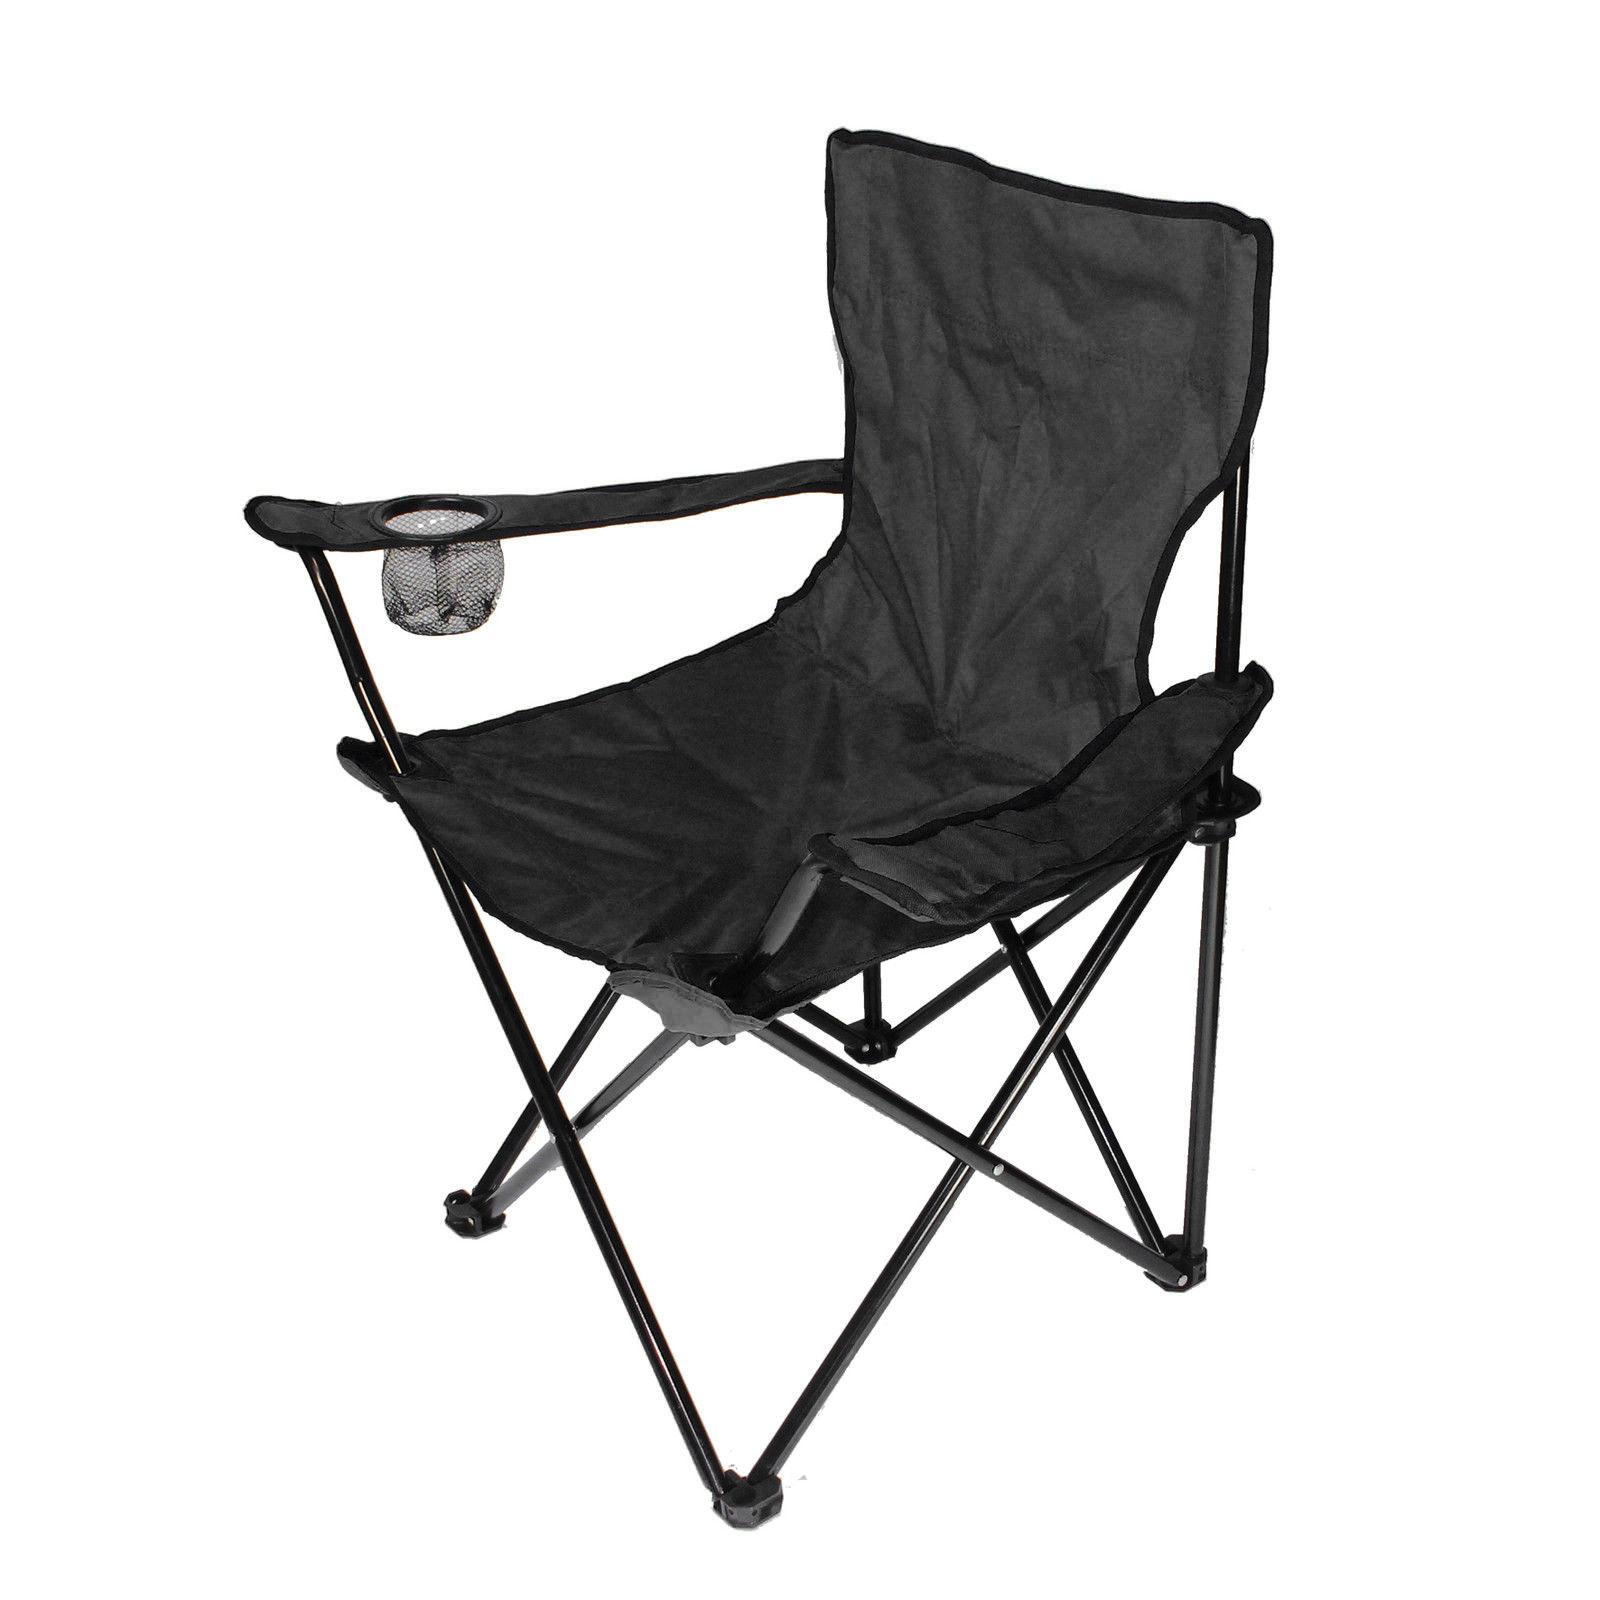 Noir chaise camping housse pliante fauteuil pliable siege de plage tissu oxfo - Housse fauteuil main ...